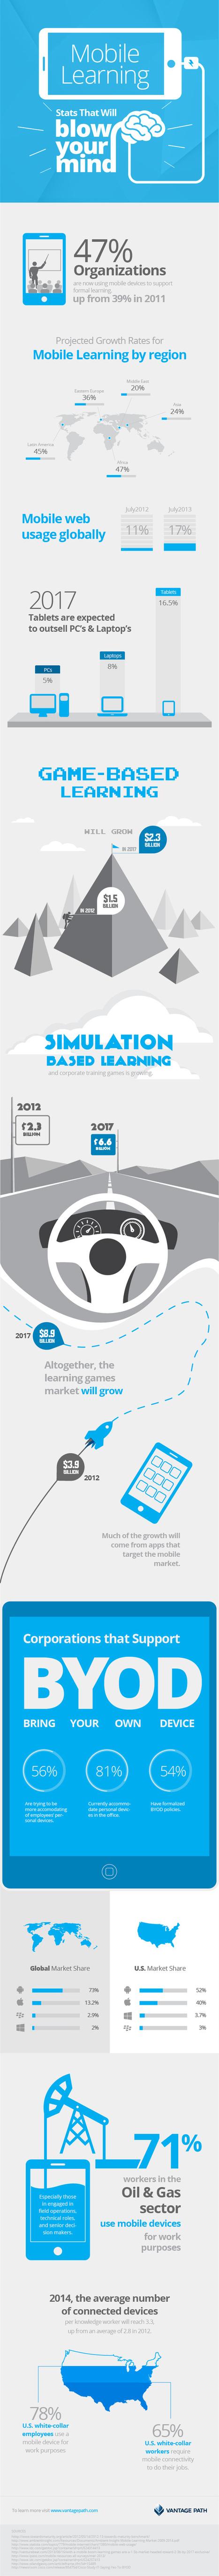 9 estadísticas sobre aprendizaje móvil impresionantes #infografia #infographic #education | Universo Educación Digital | Scoop.it